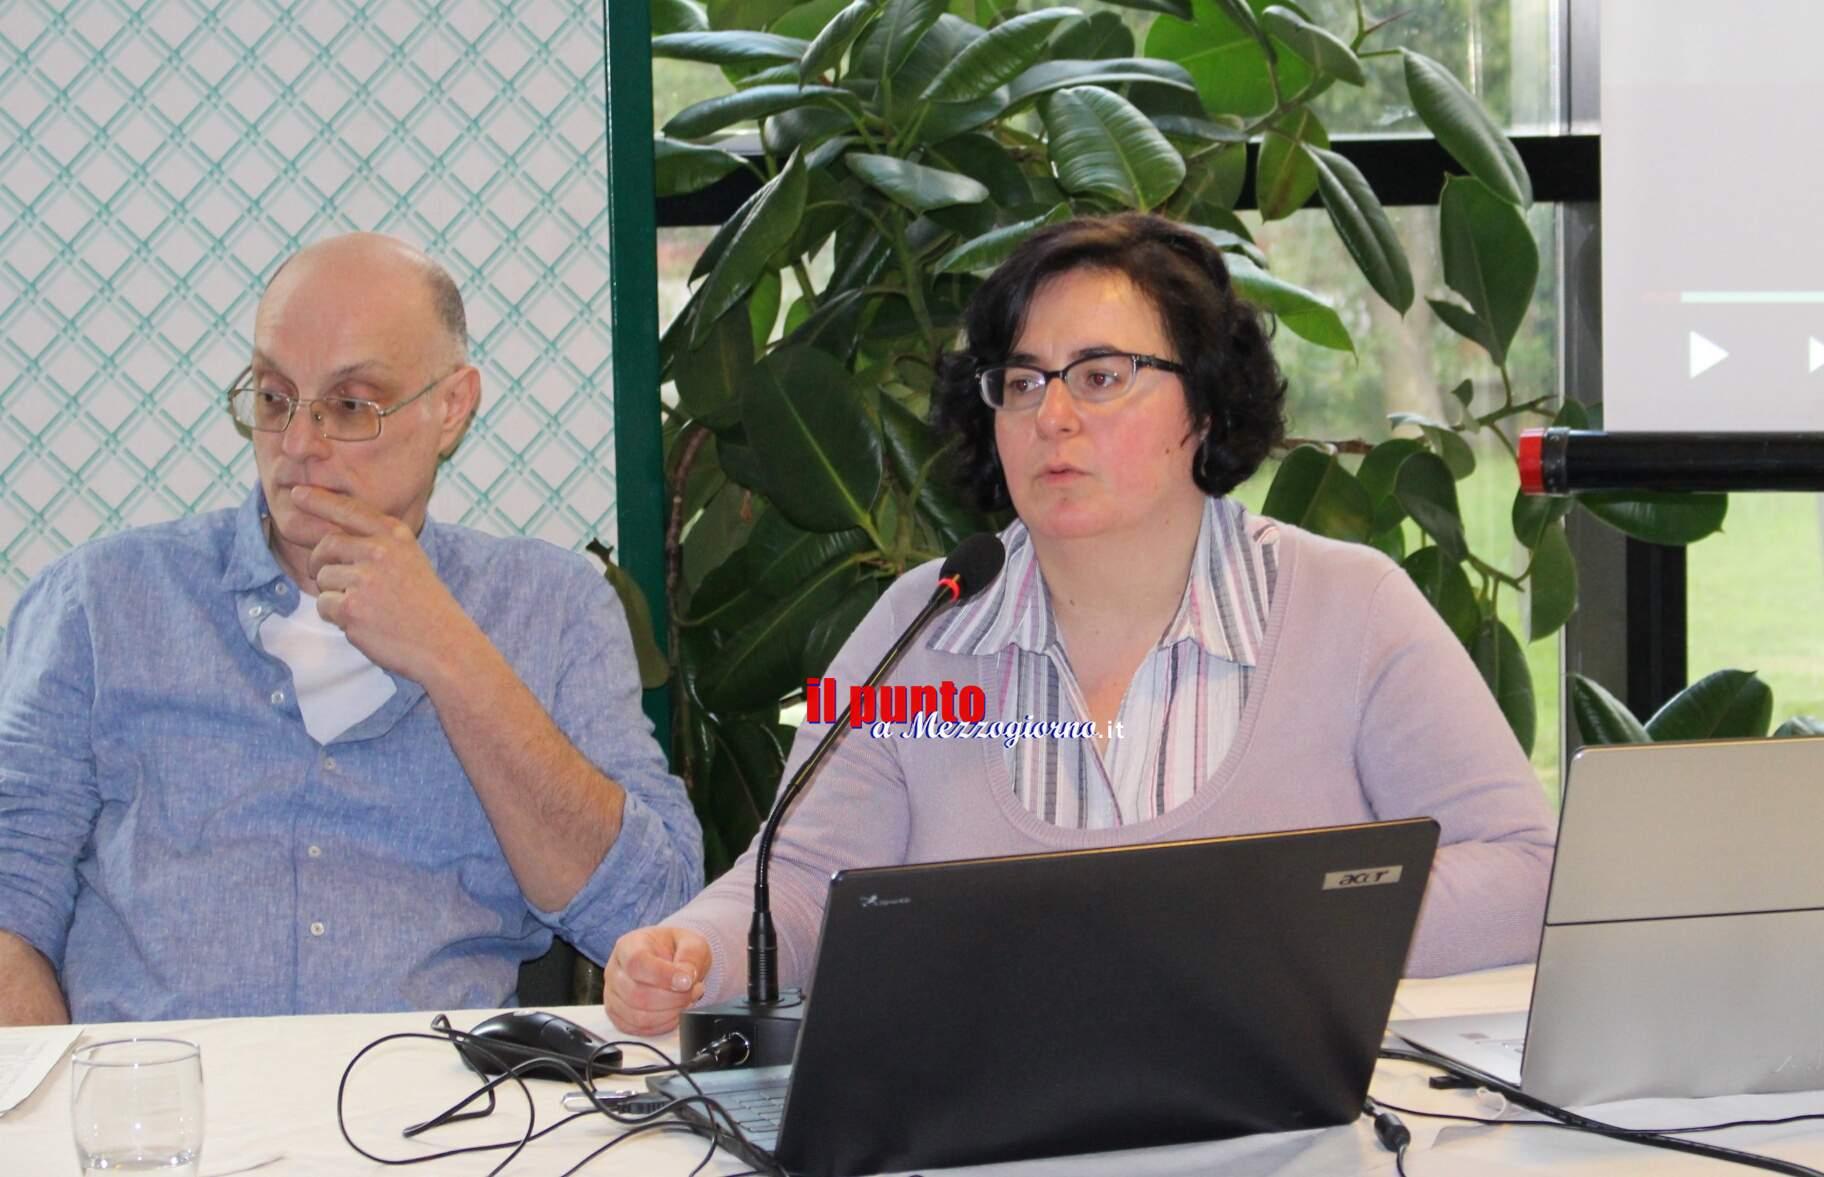 Bioarchitettura e domotica, successo per il convegno del nuovo direttivo della sezione Inbar